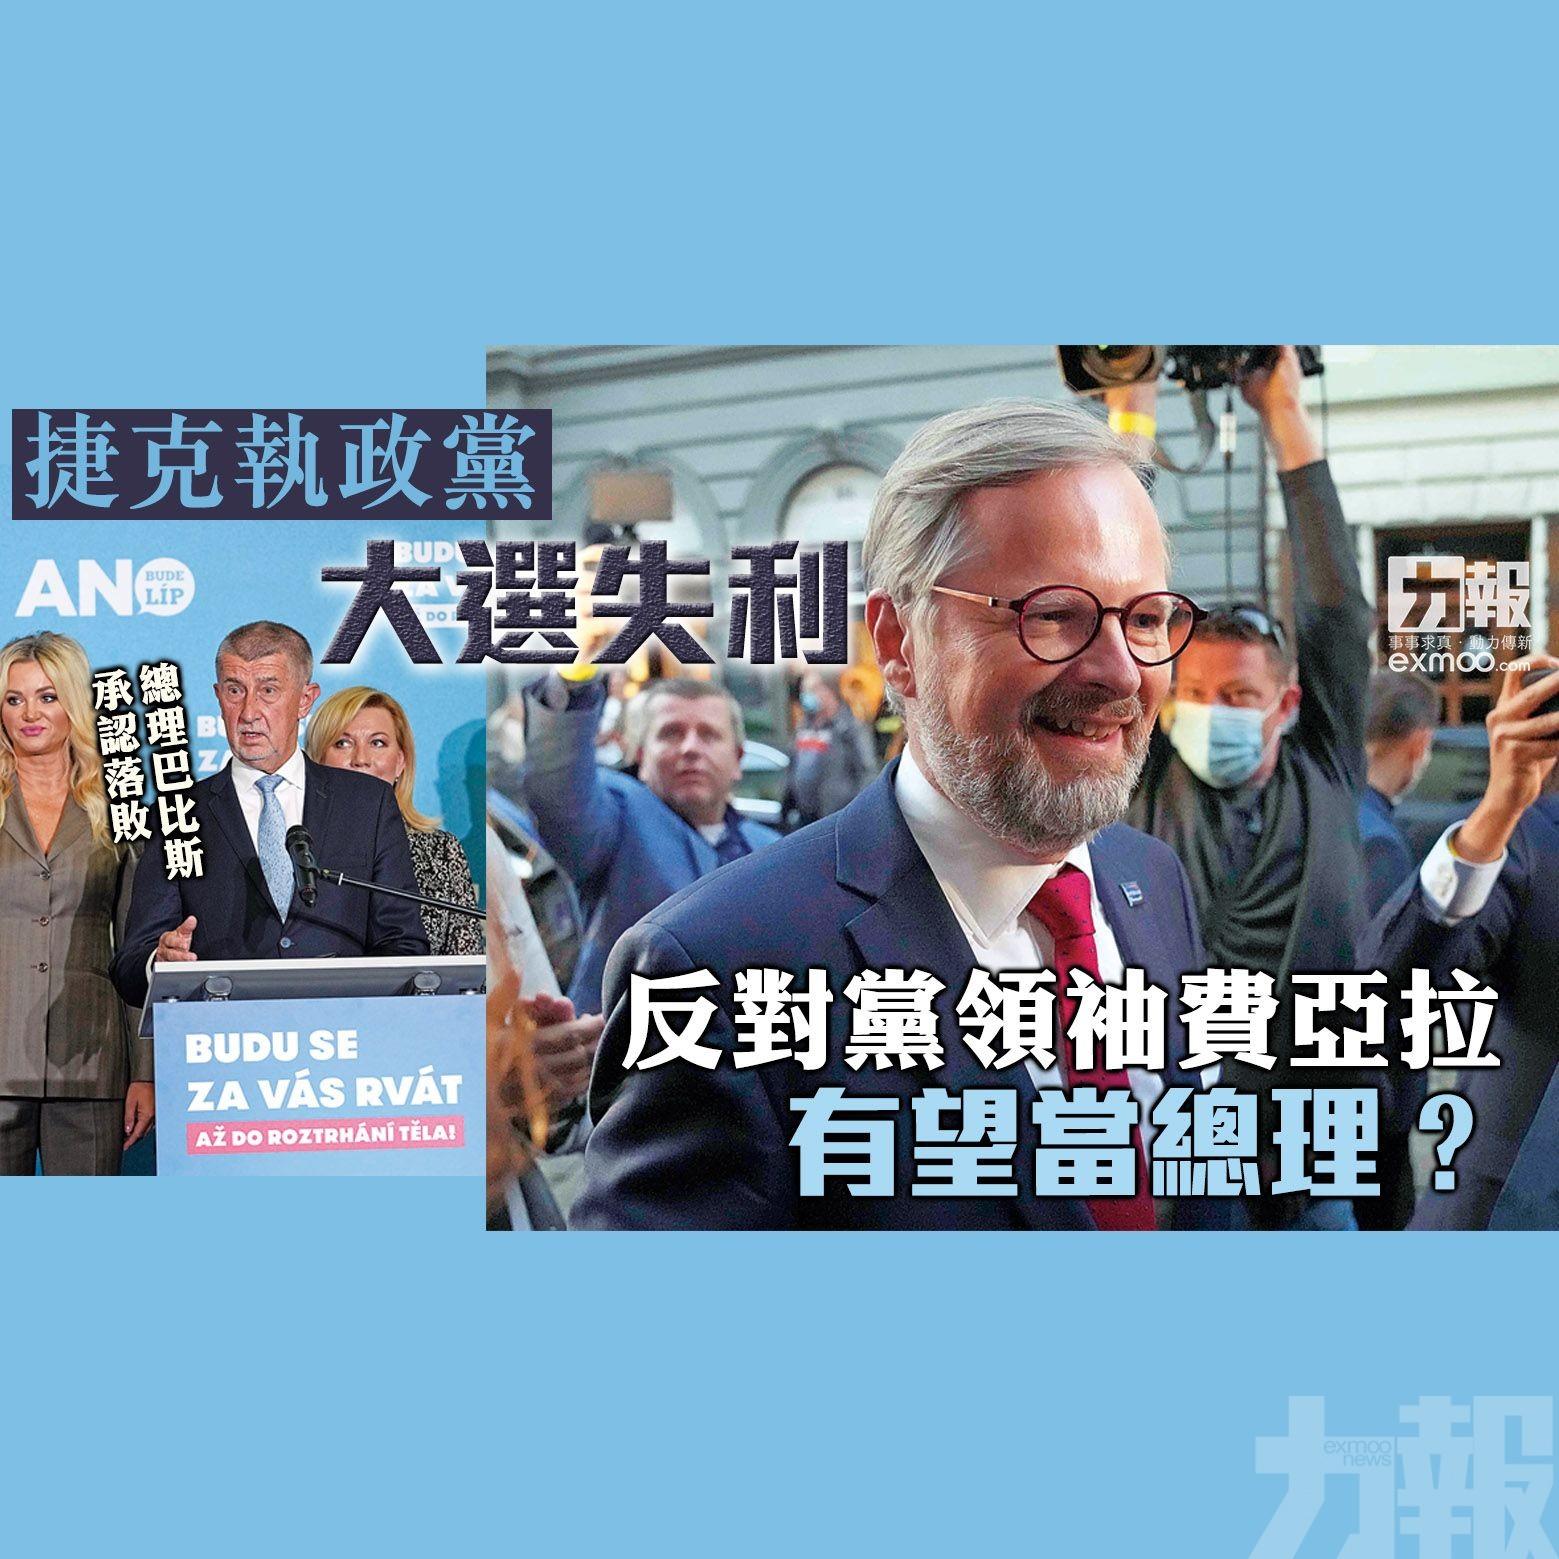 反對黨領袖費亞拉有望當總理?